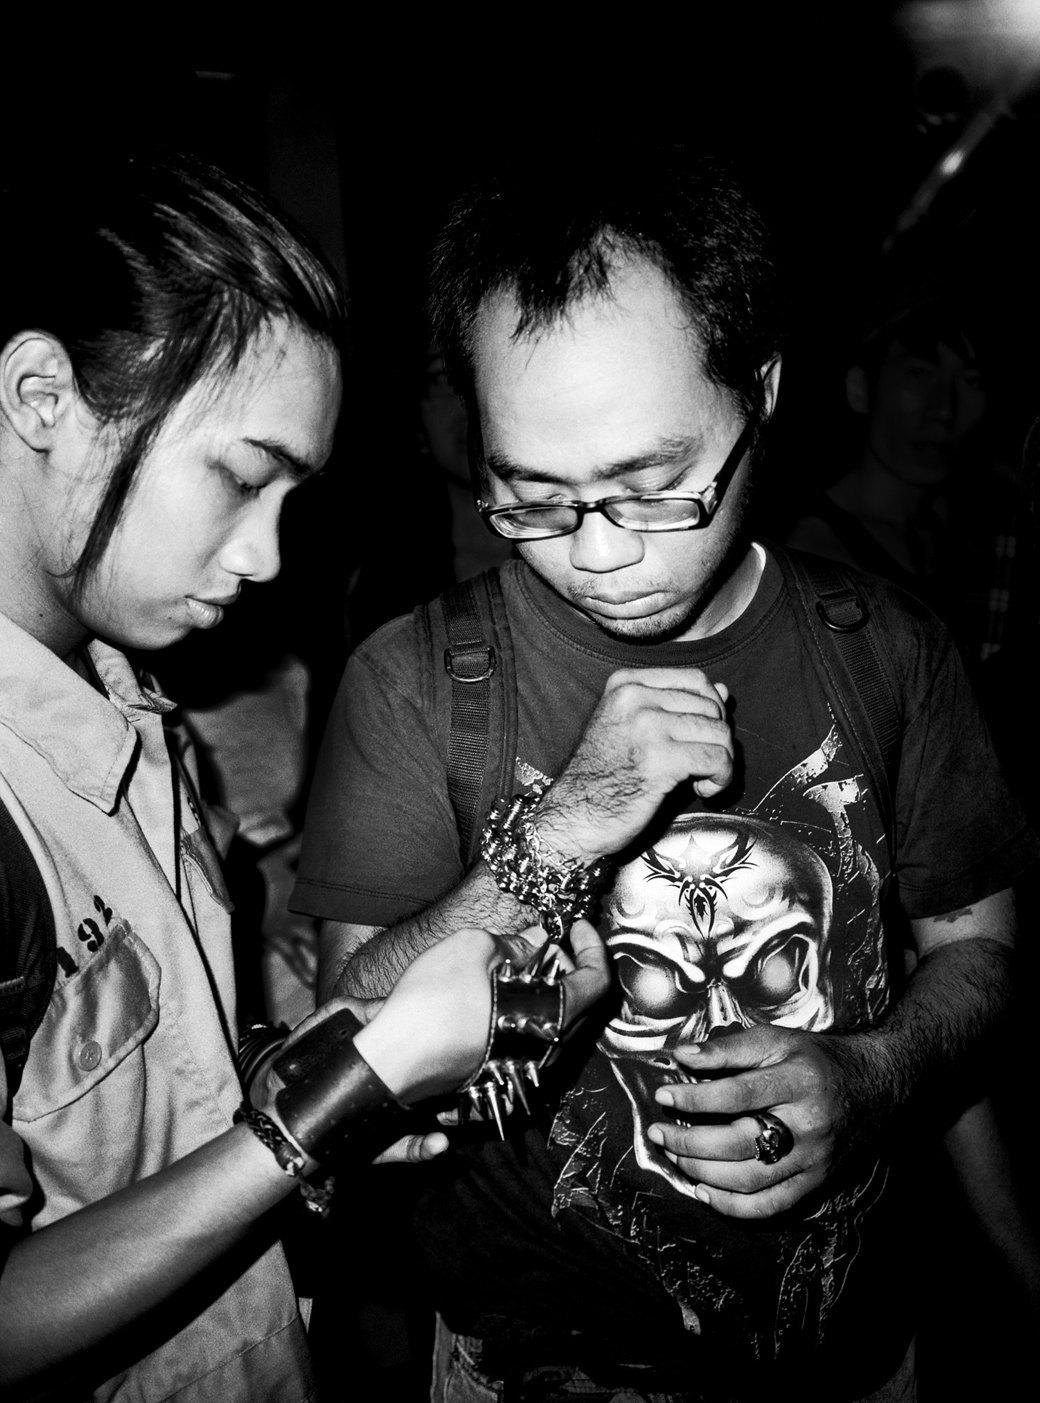 Азиатский андеграунд: Панк, грайндкор и экстремальный метал по-вьетнамски . Изображение № 4.